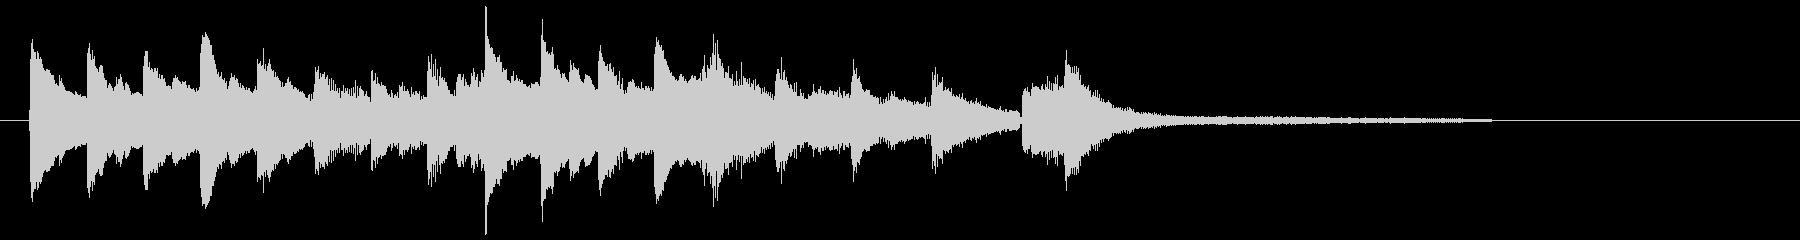 ジングル・リラックス・エンディング4の未再生の波形